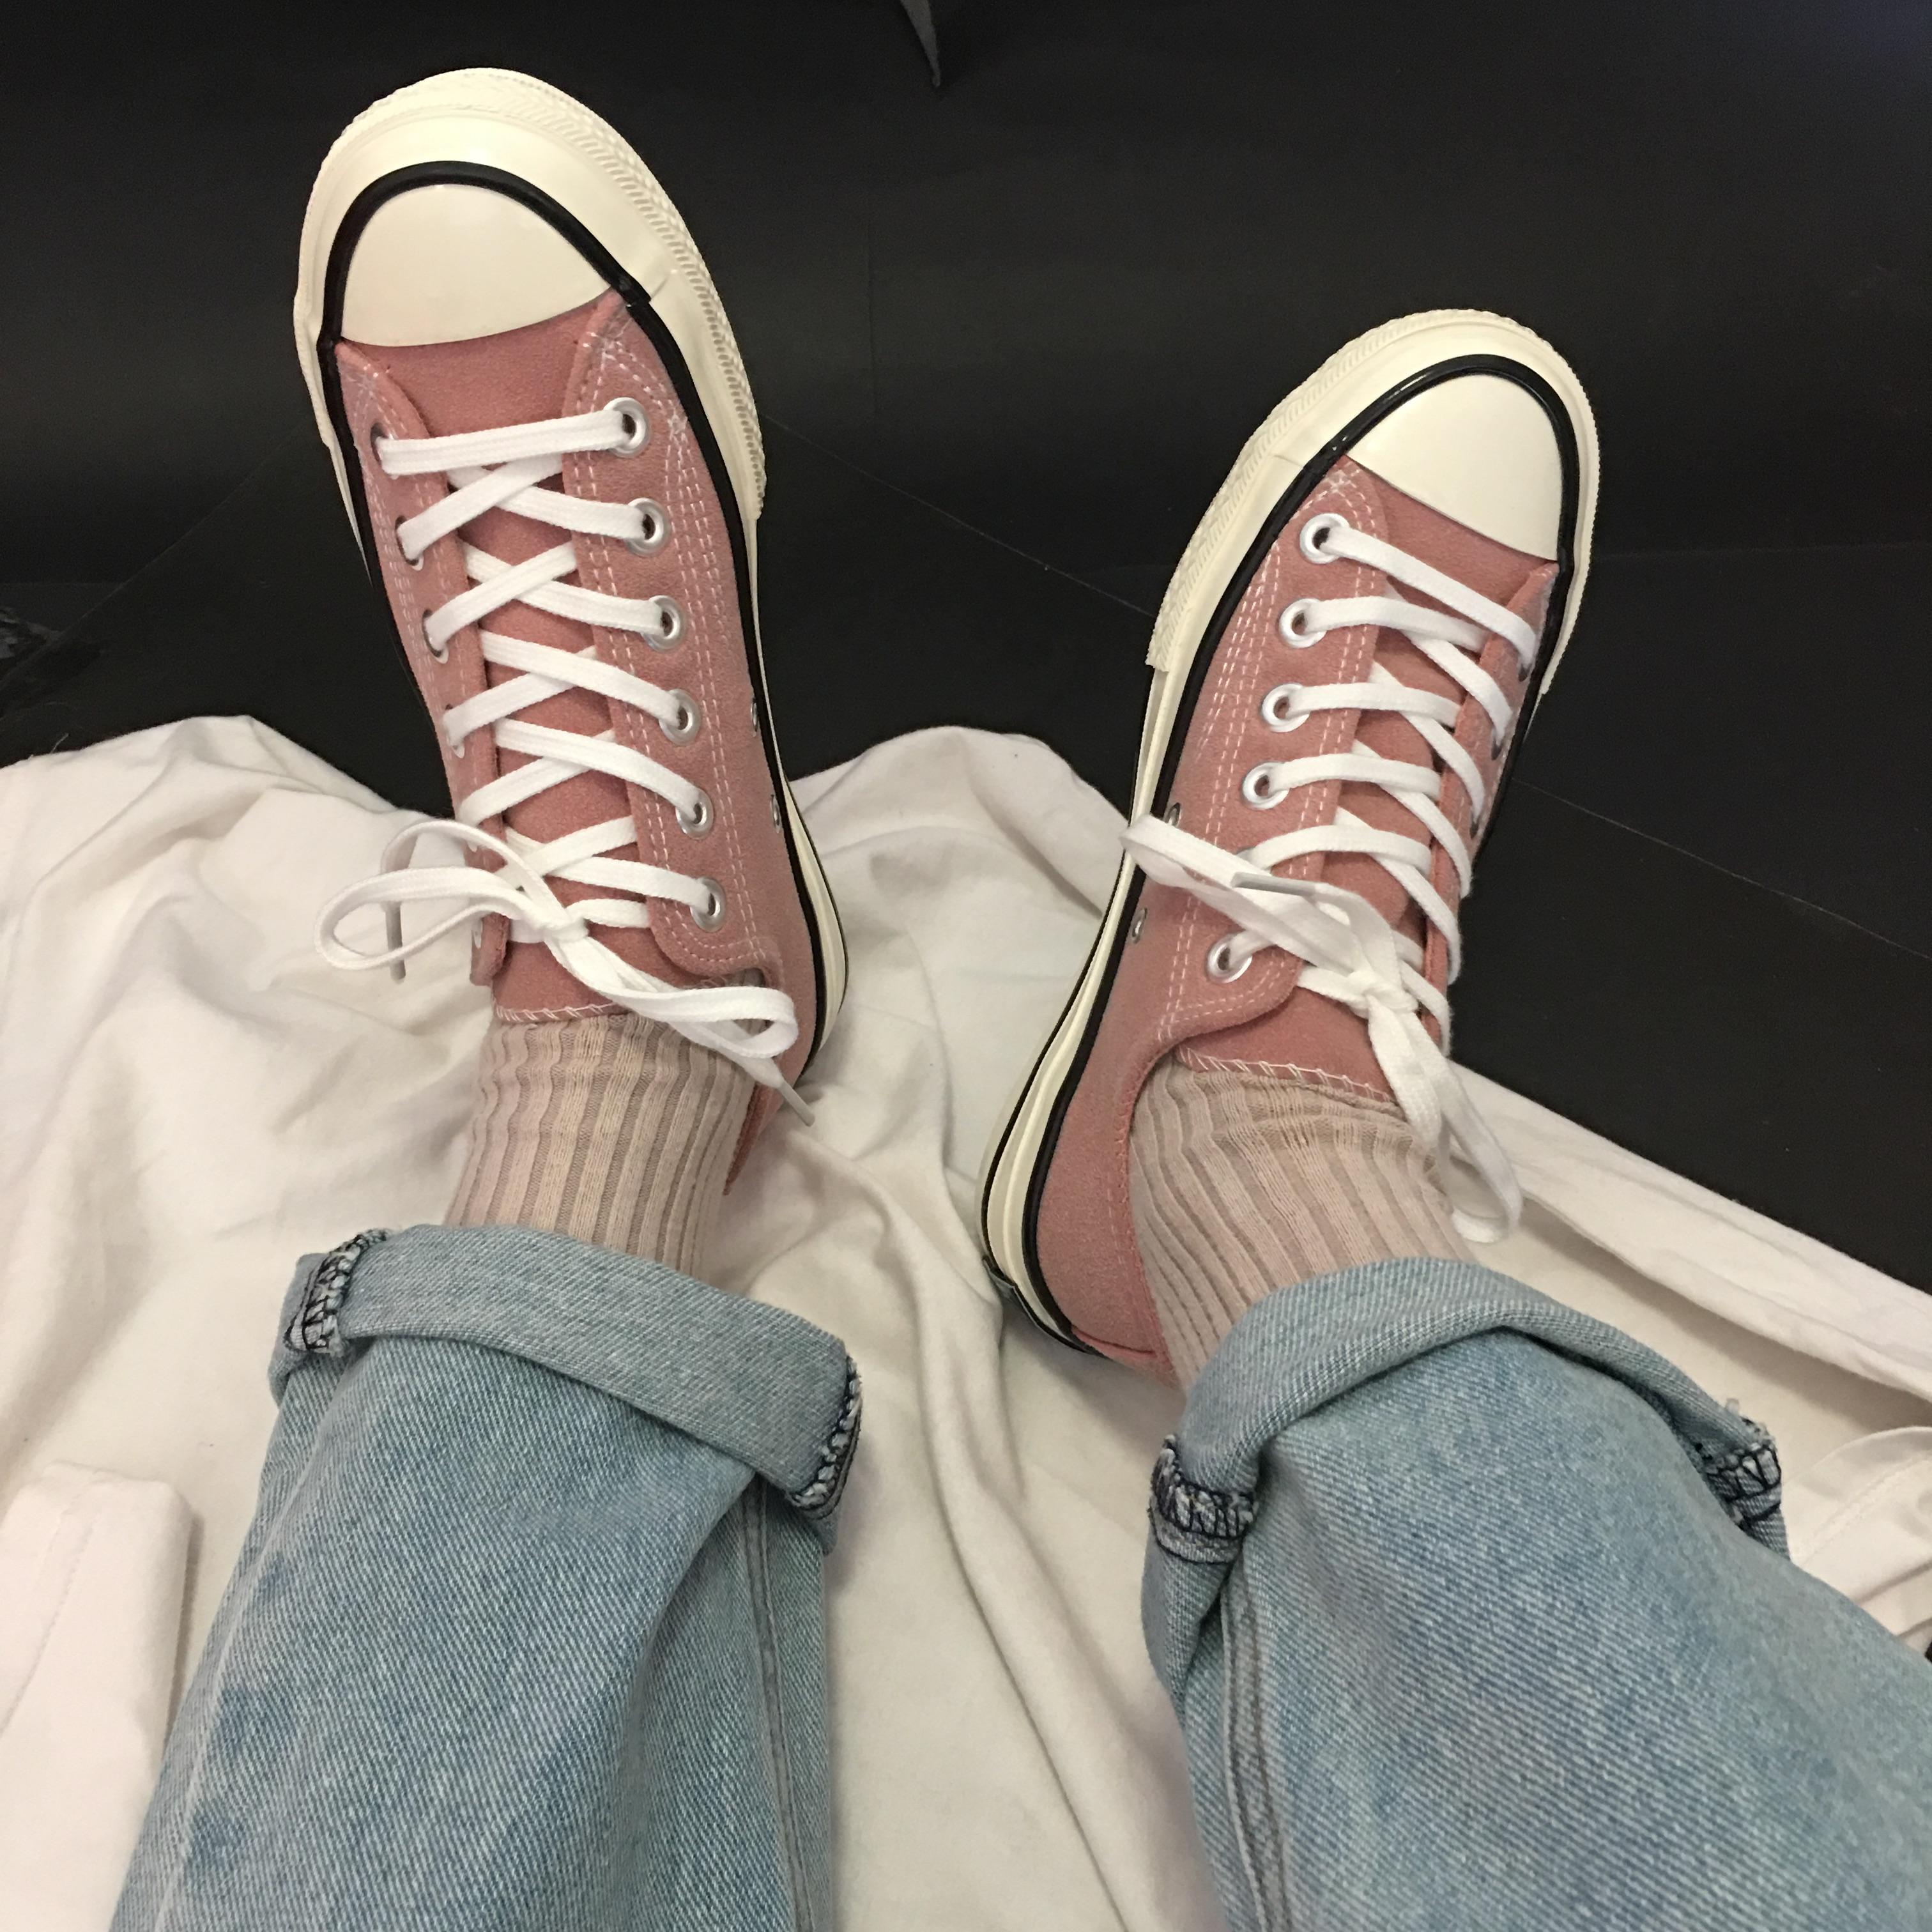 夏季新款甜美豆沙色帆布鞋情侣鞋女学生韩版ulzzang百搭休闲鞋男